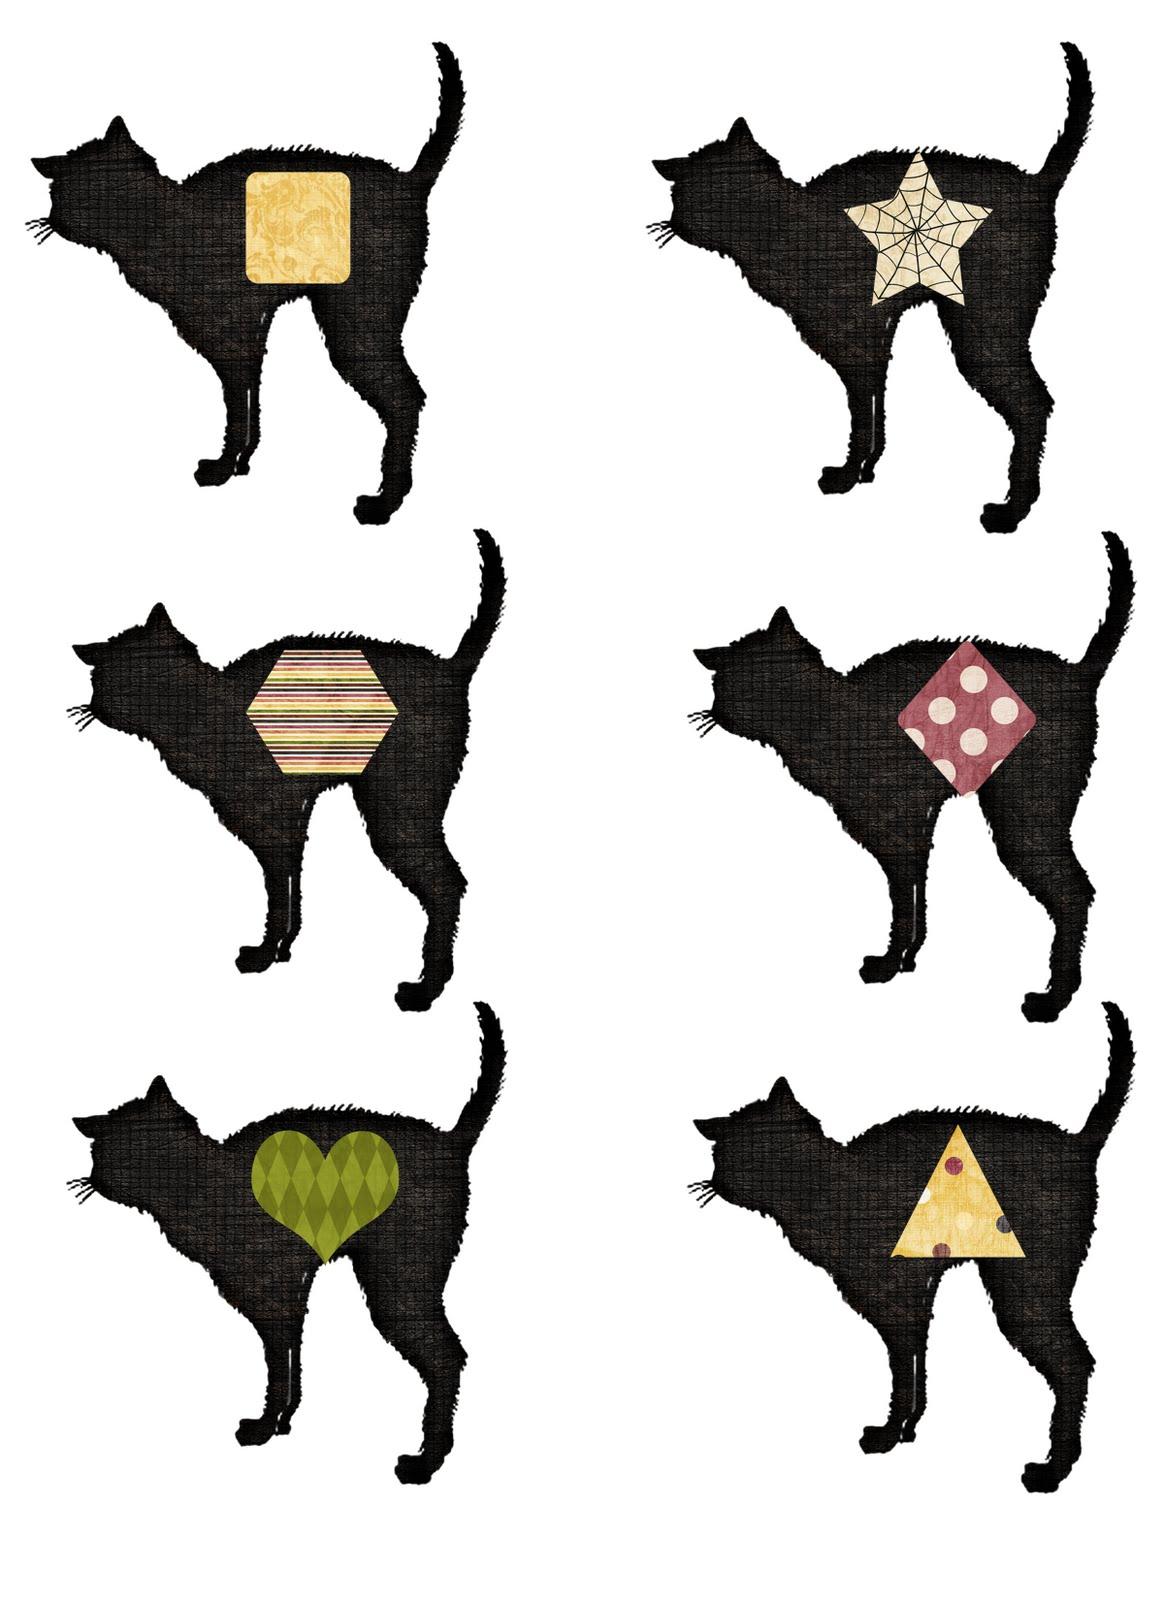 http://2.bp.blogspot.com/_Cm8um9hxjhk/TKlV0-Ov-7I/AAAAAAAABQo/faYn1hutR8Q/s1600/cat+shape+matching.jpg